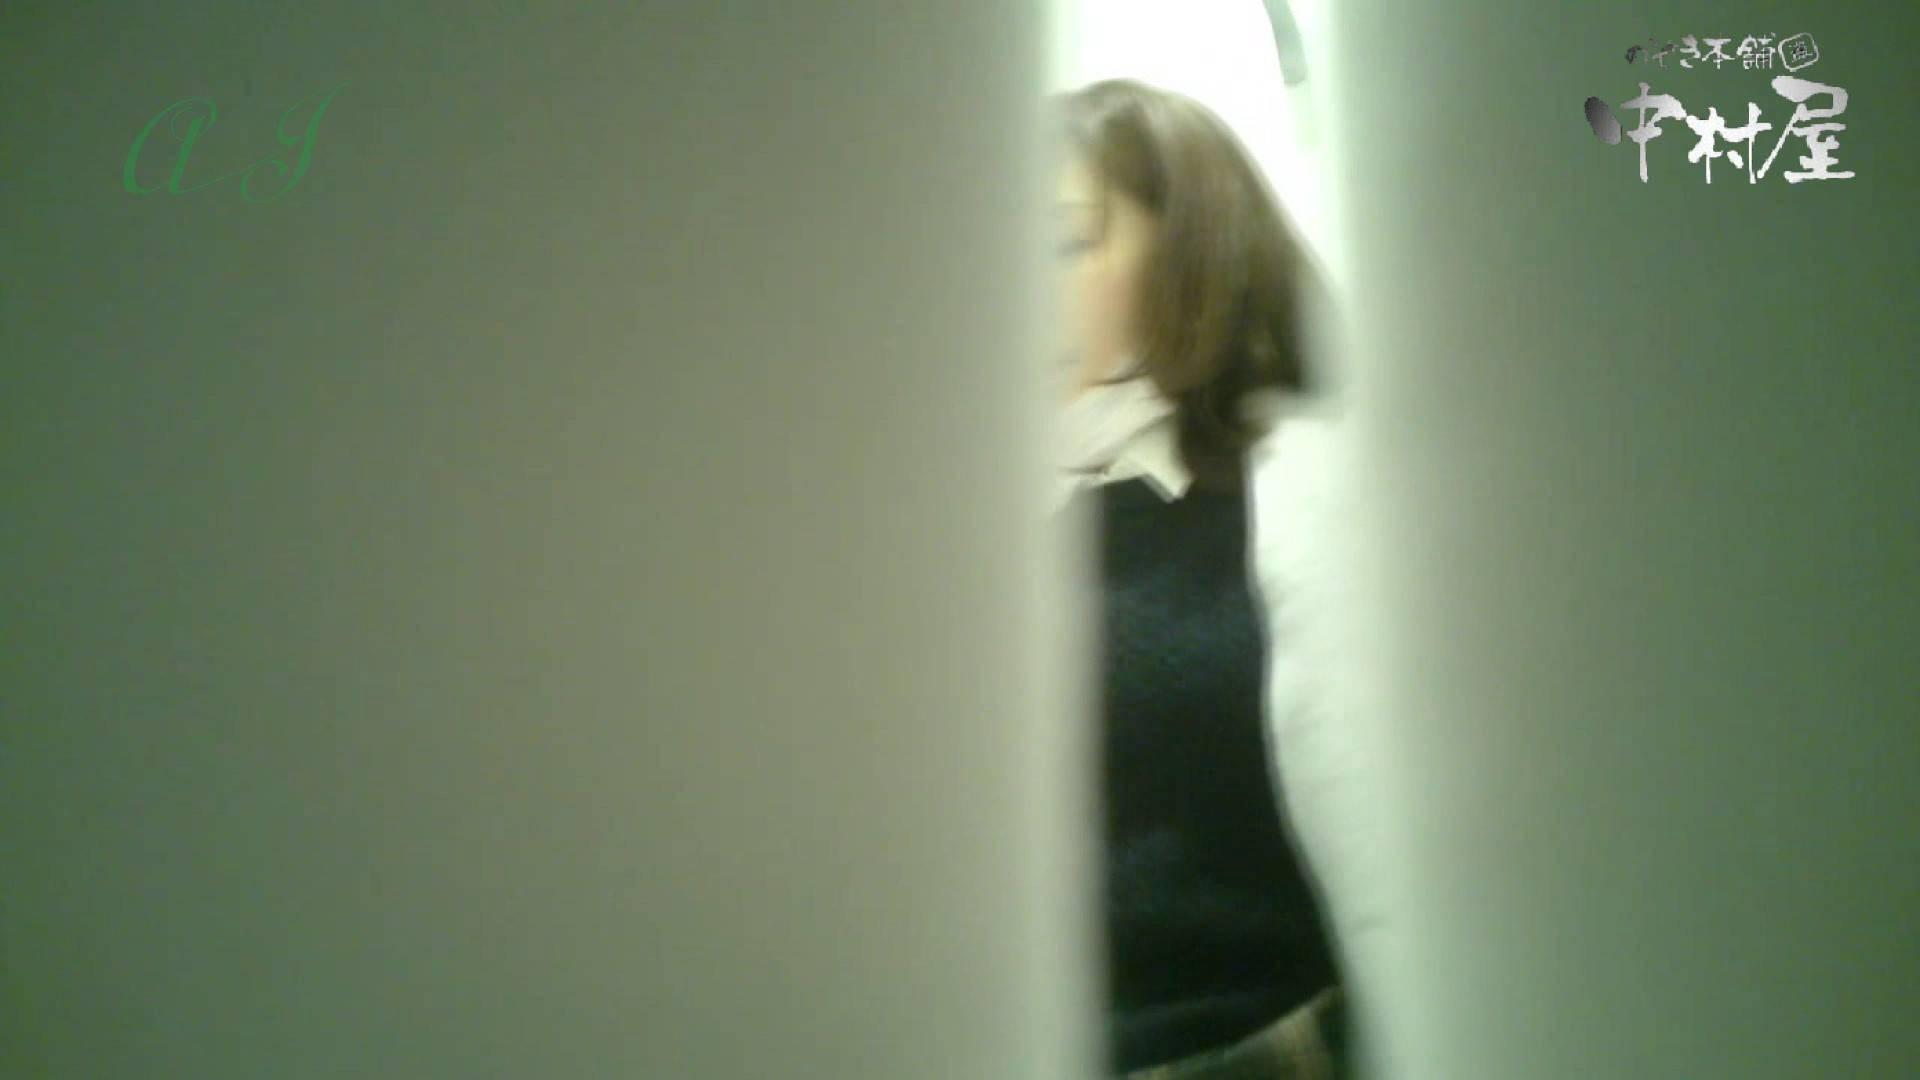 有名大学女性洗面所 vol.60 設置の神です。 潜入シリーズ  105Pix 7